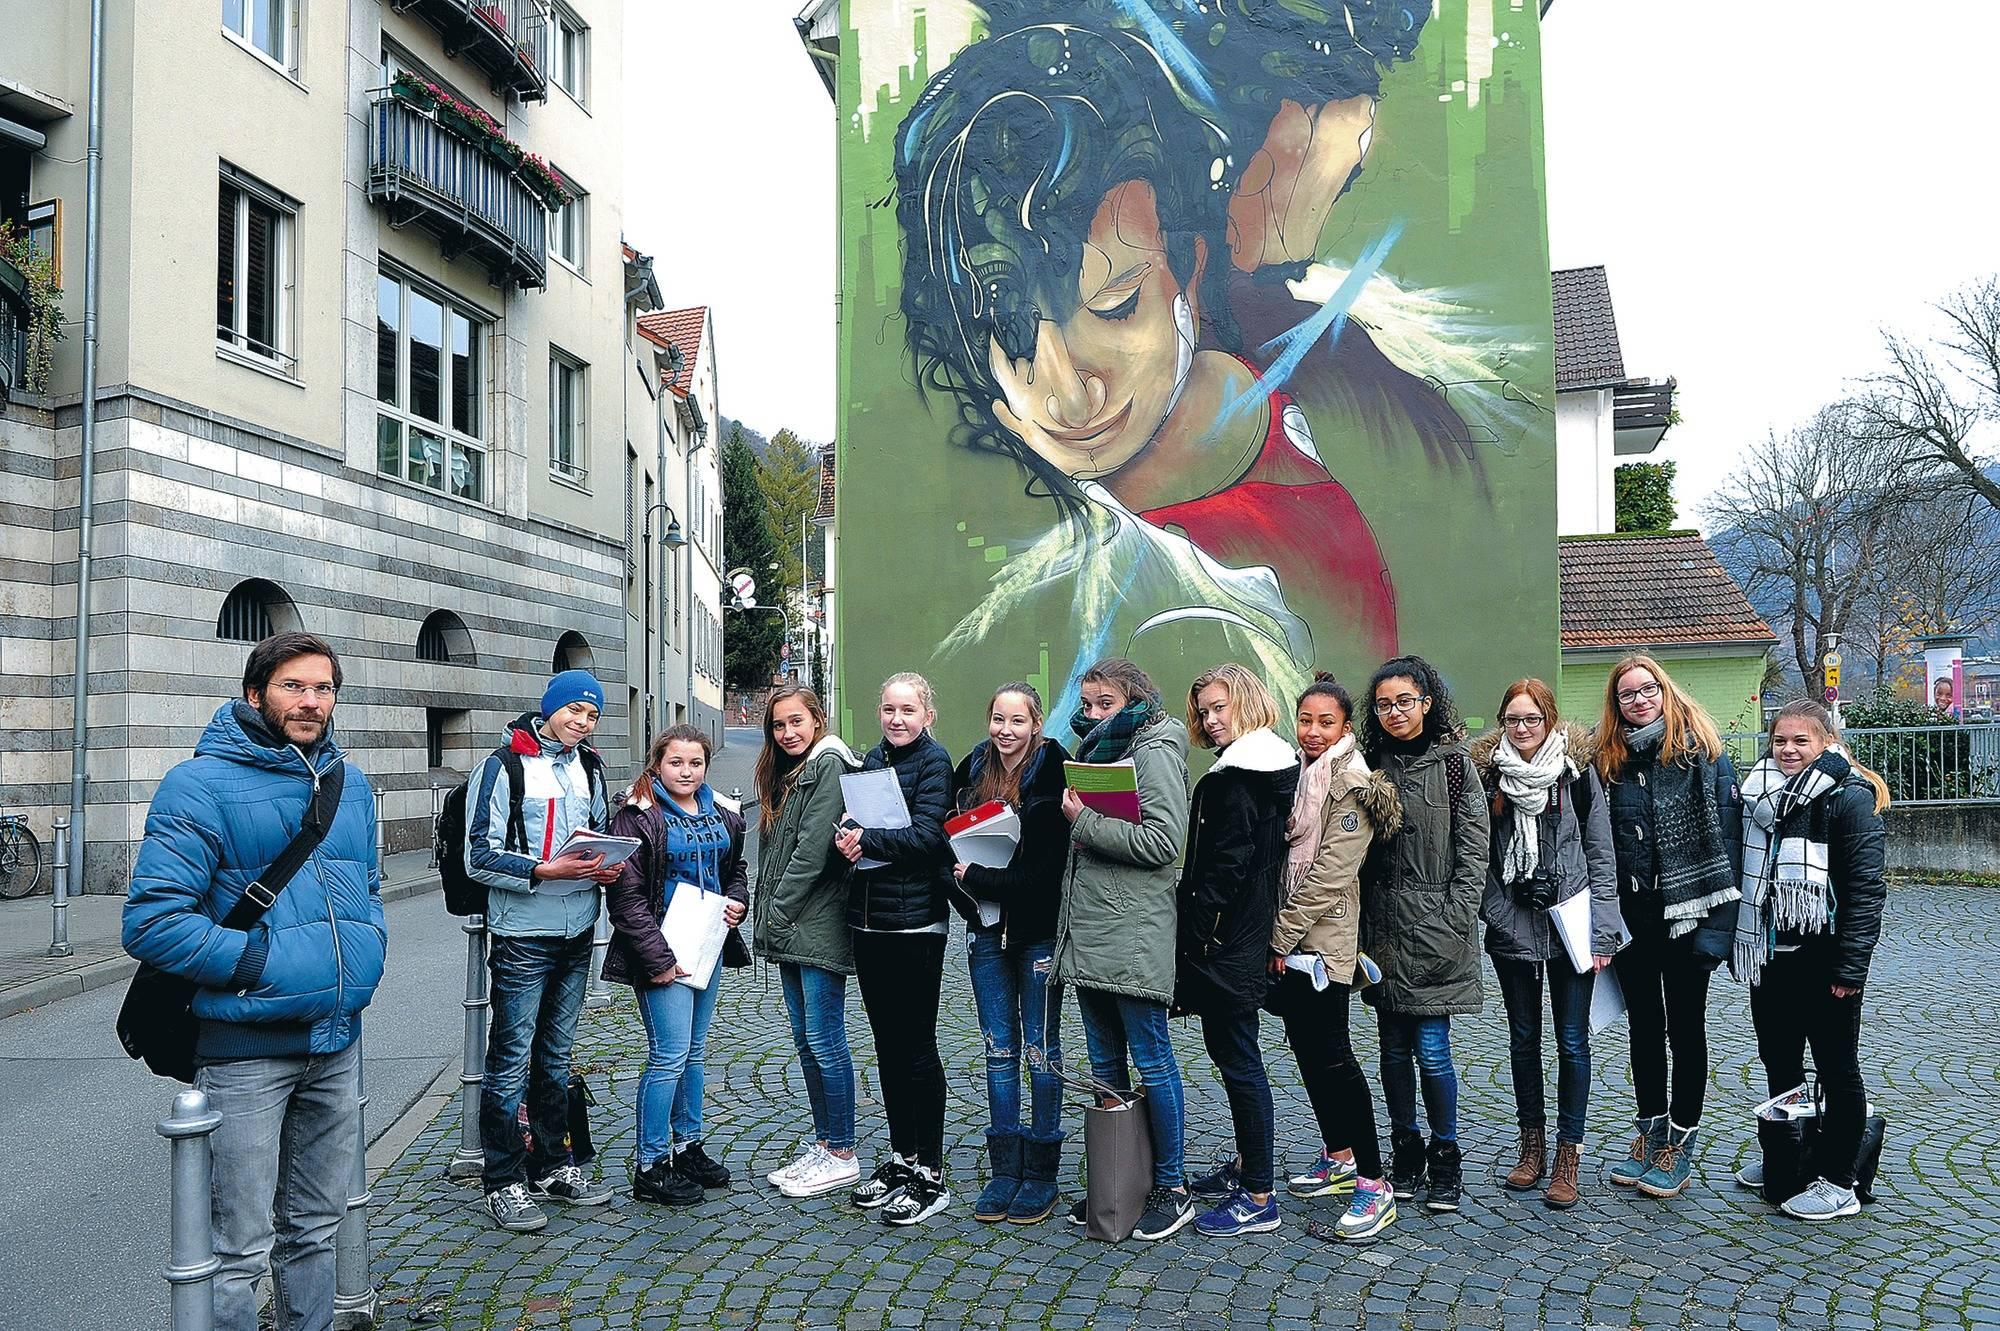 Künstler Heidelberg graffiti künstler daniel thouw polarisiert immer noch nachrichten